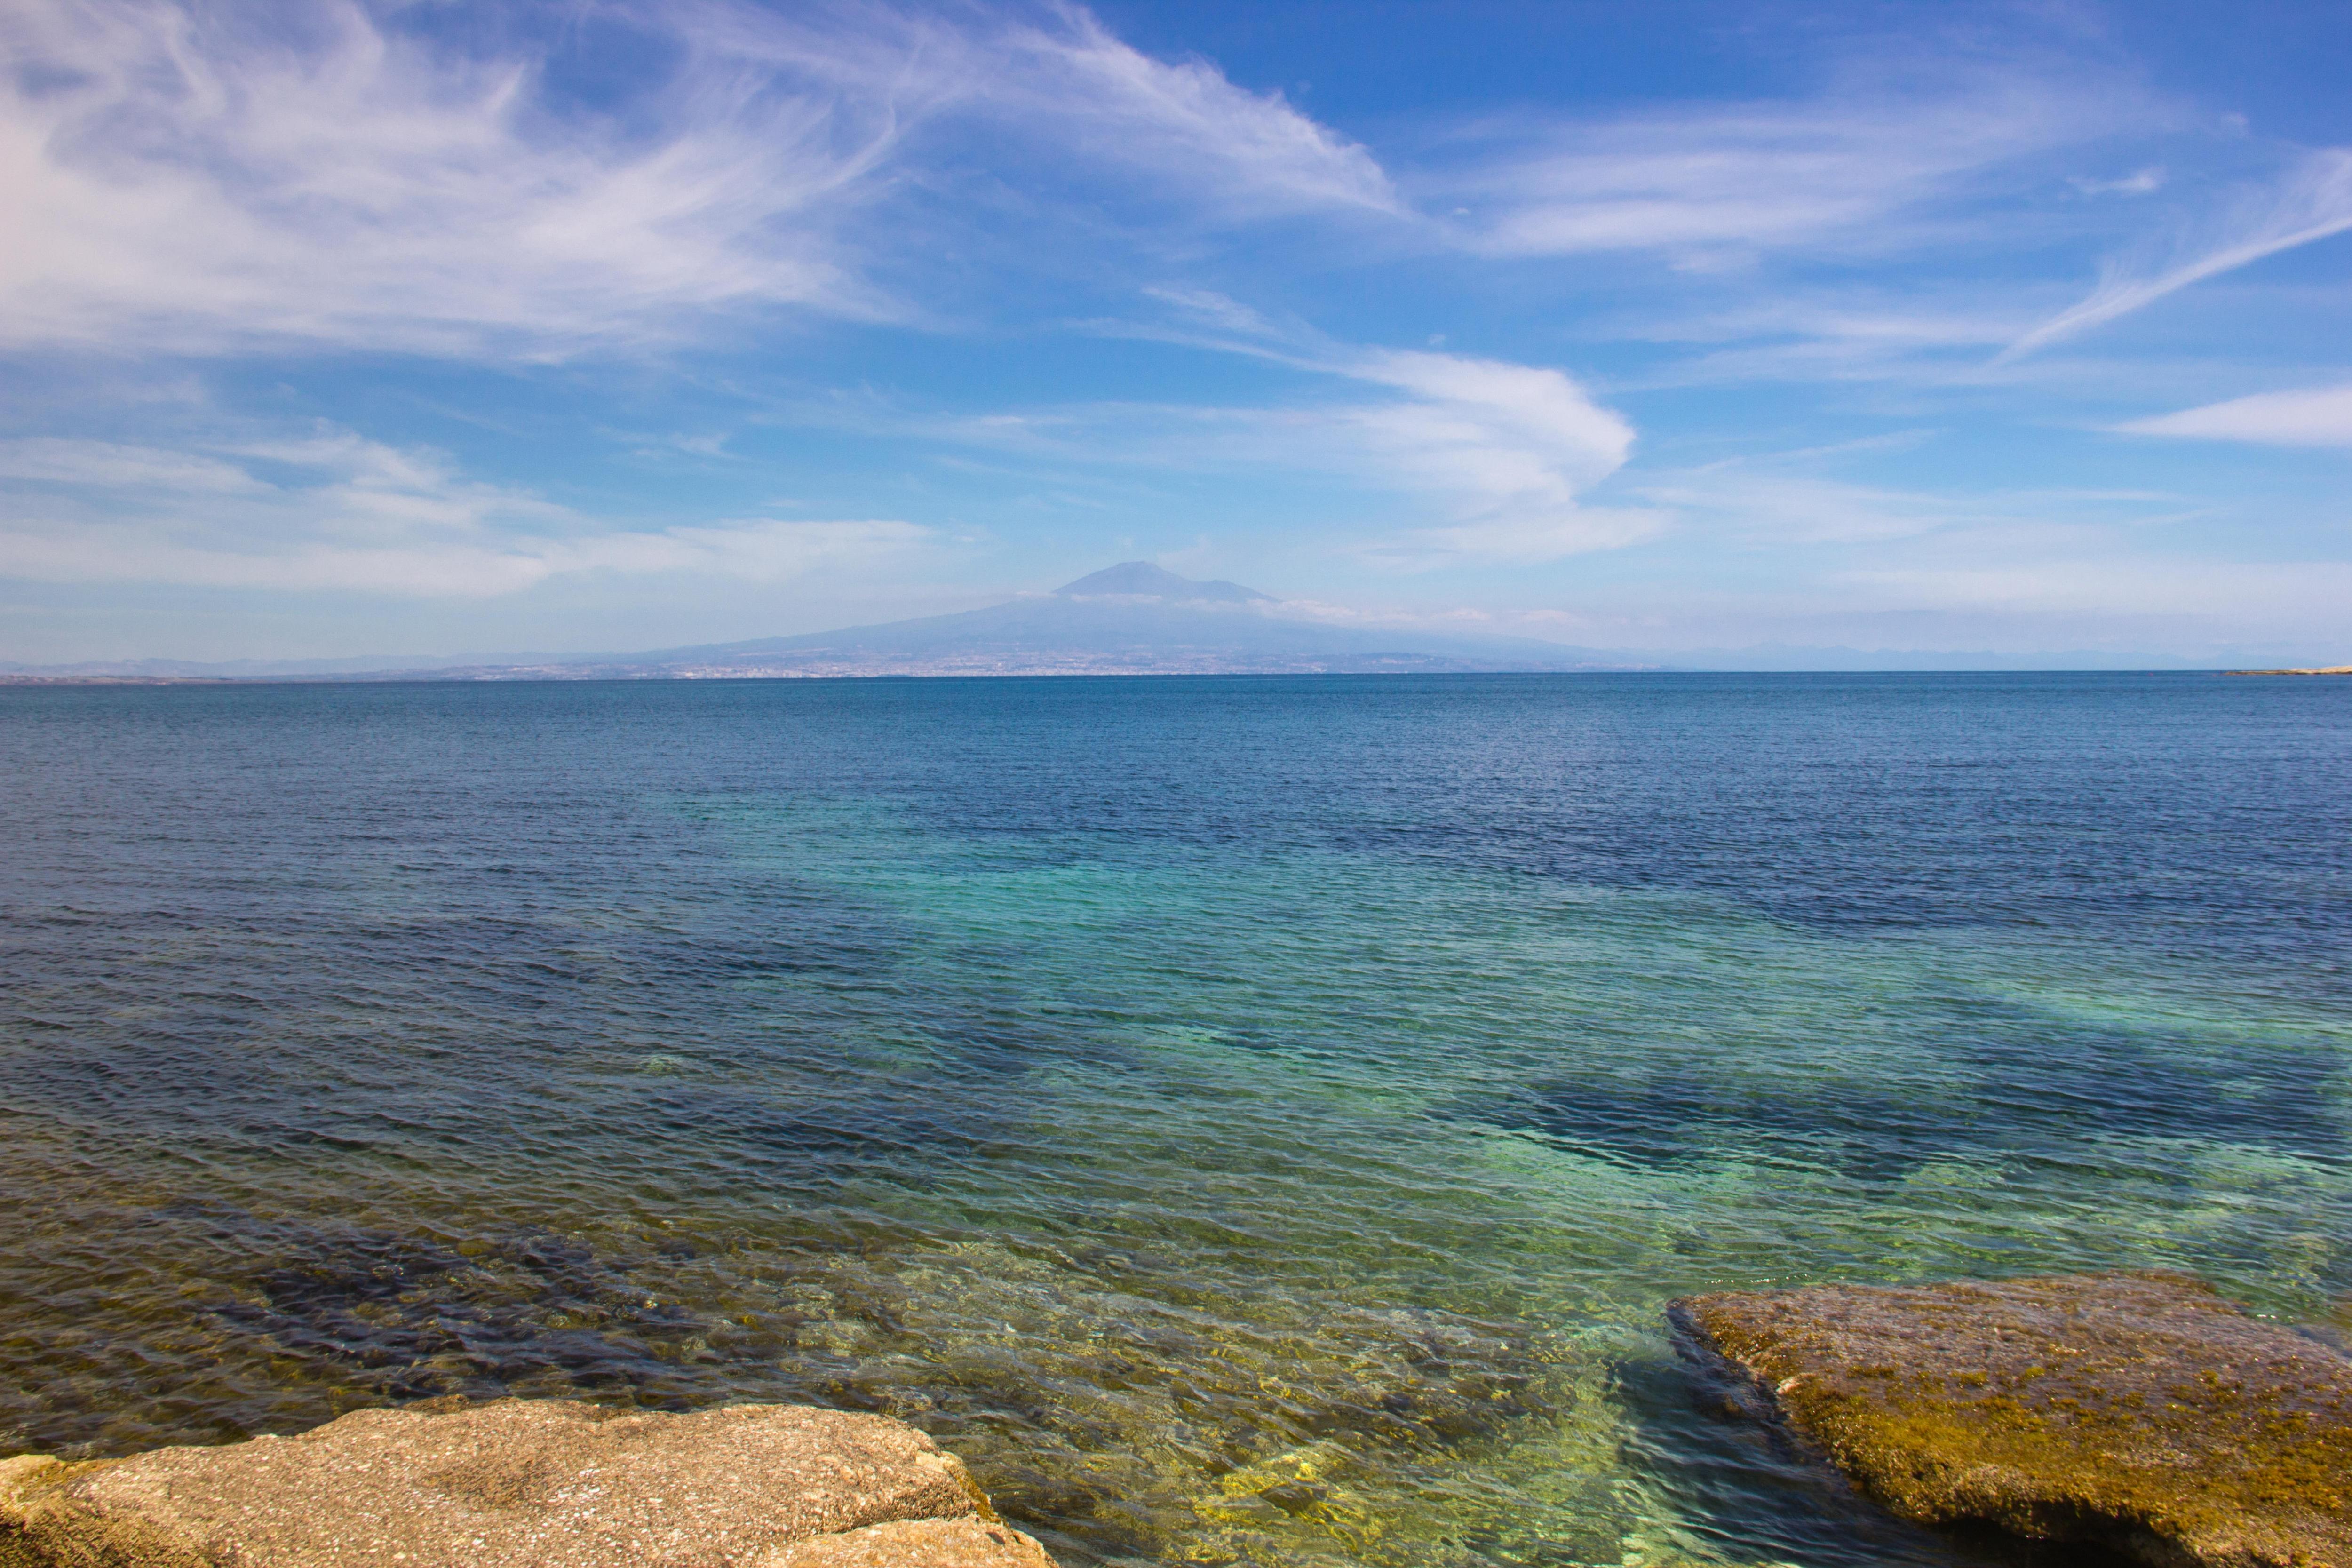 Junior reporter, un pesce tra i piedi nelle acque della meravigliosa Sicilia